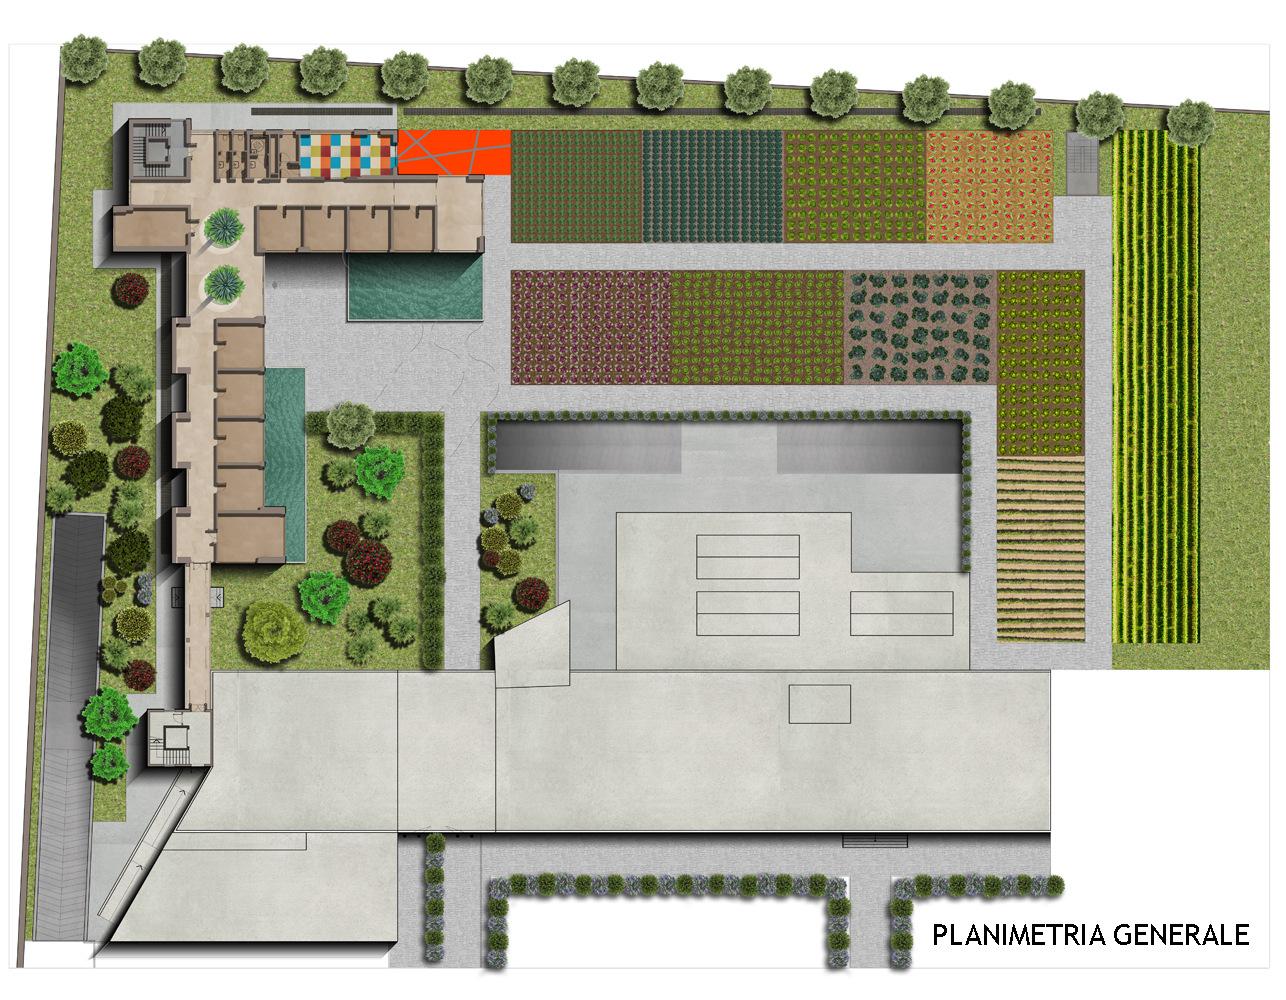 Planimetria generale / Master Plan }